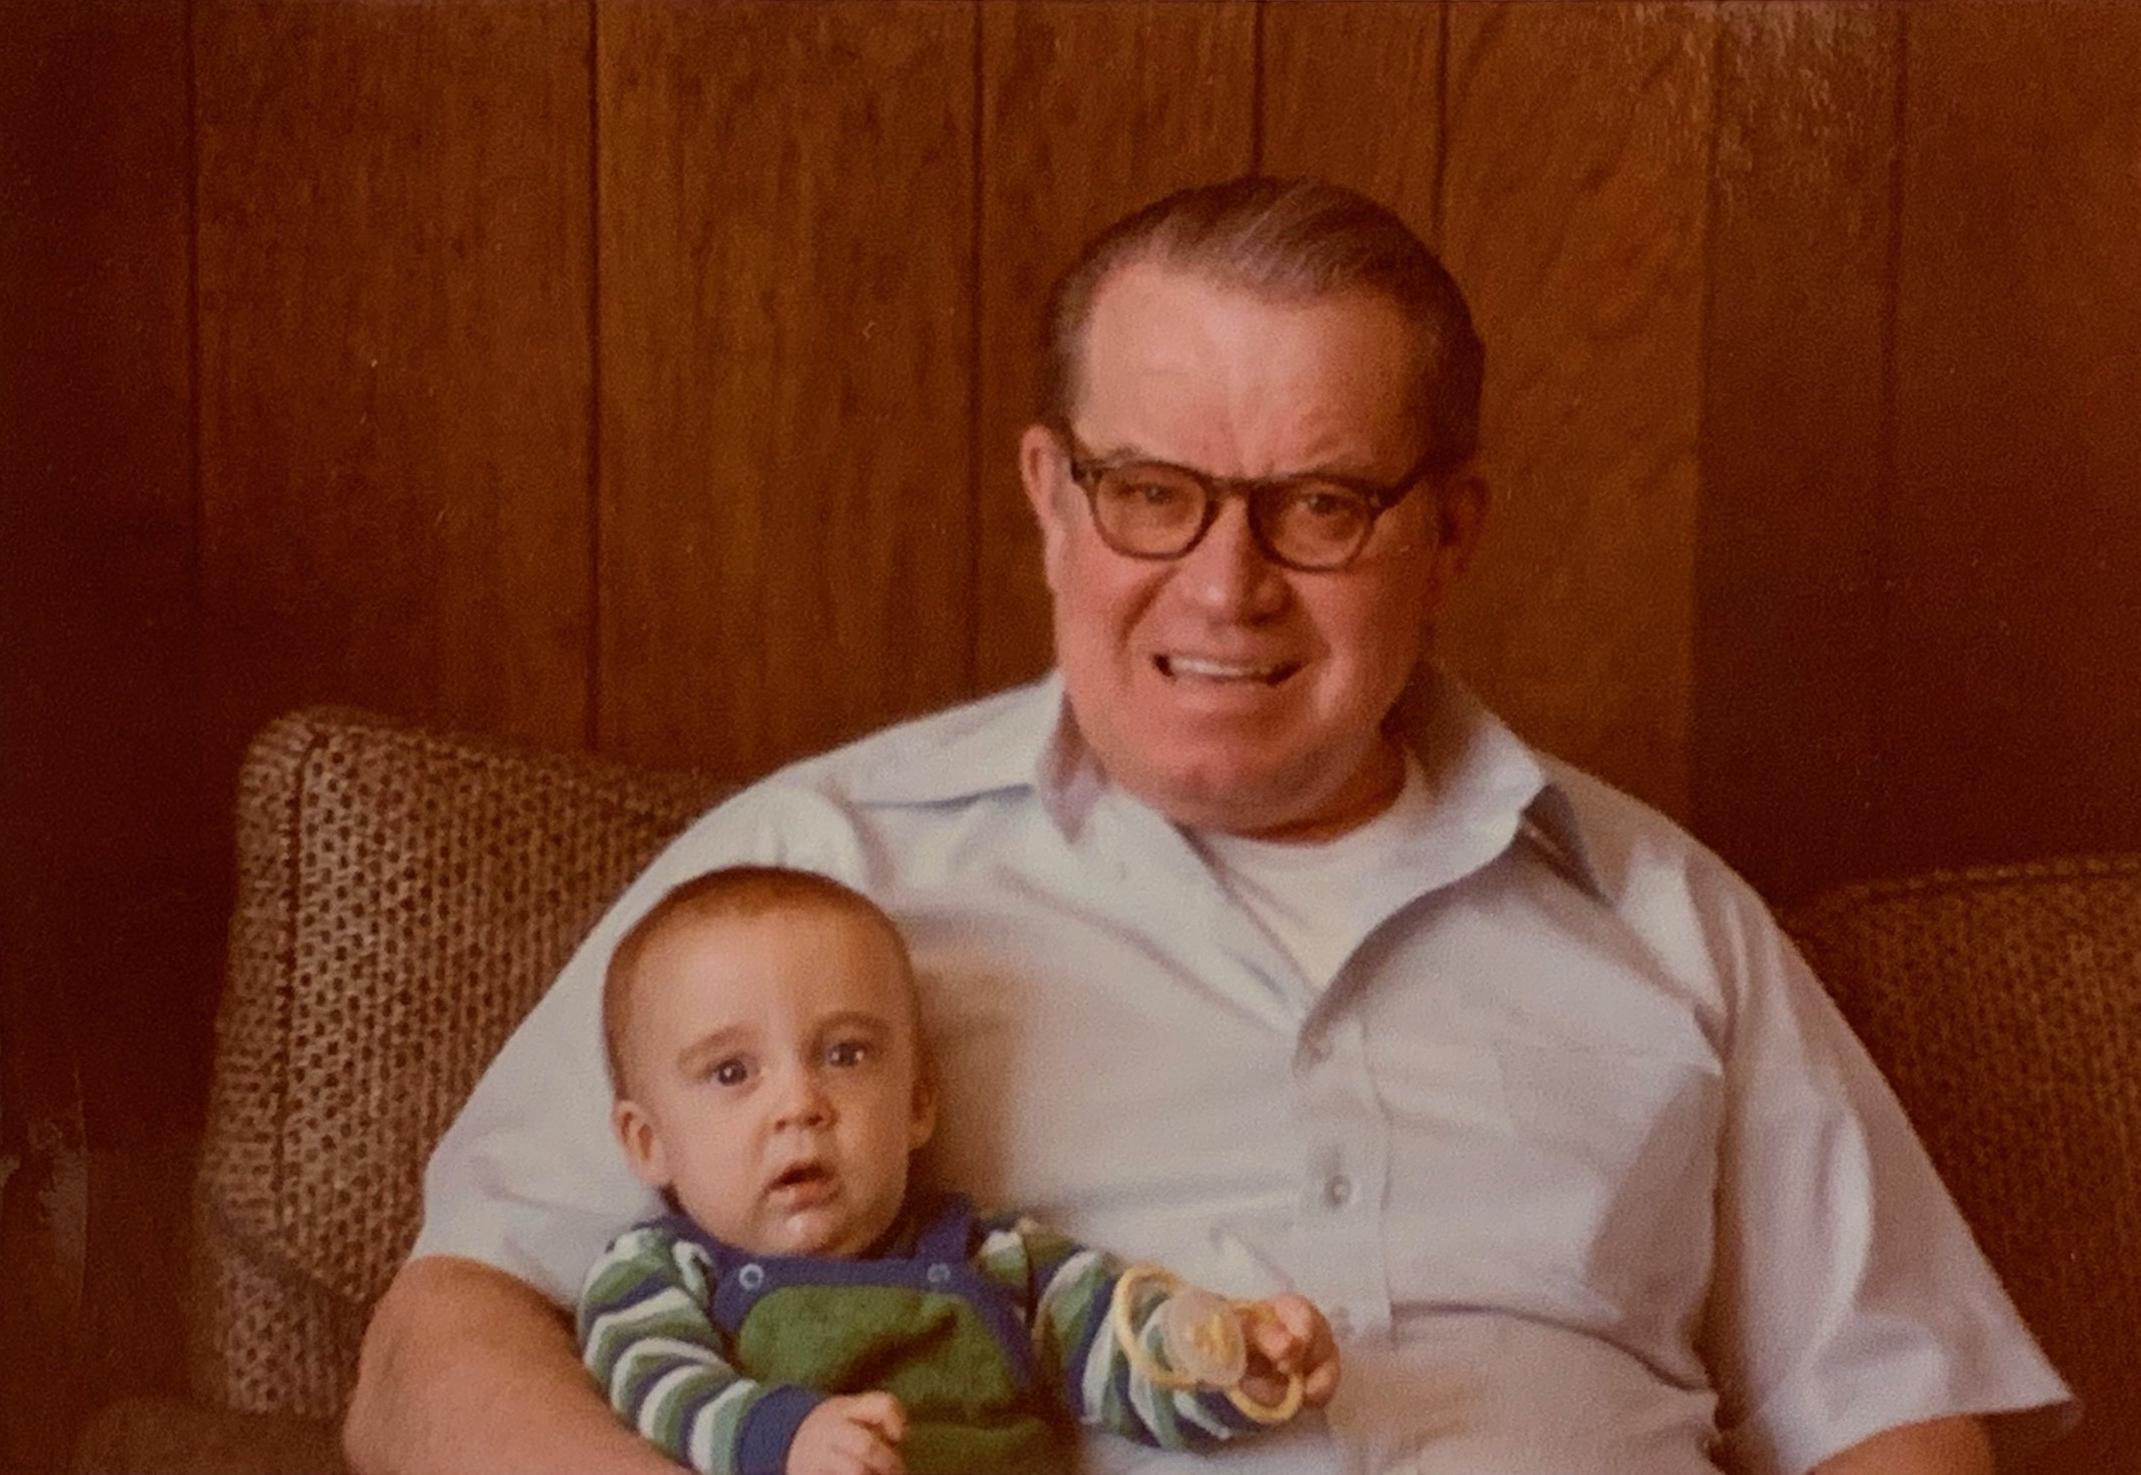 Me and Grandpa circa 1979